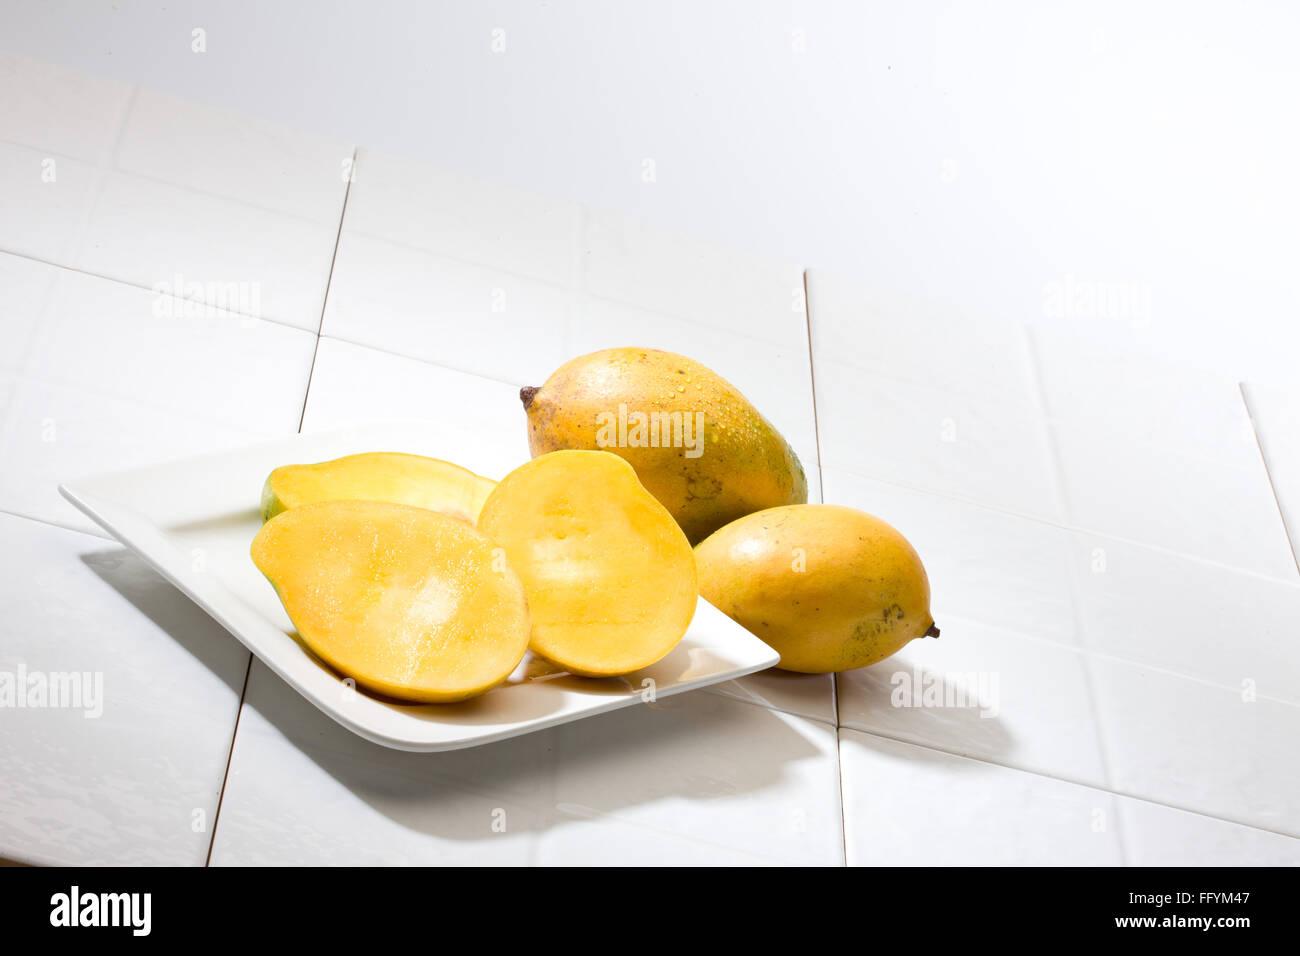 mangoes and mango slice - Stock Image